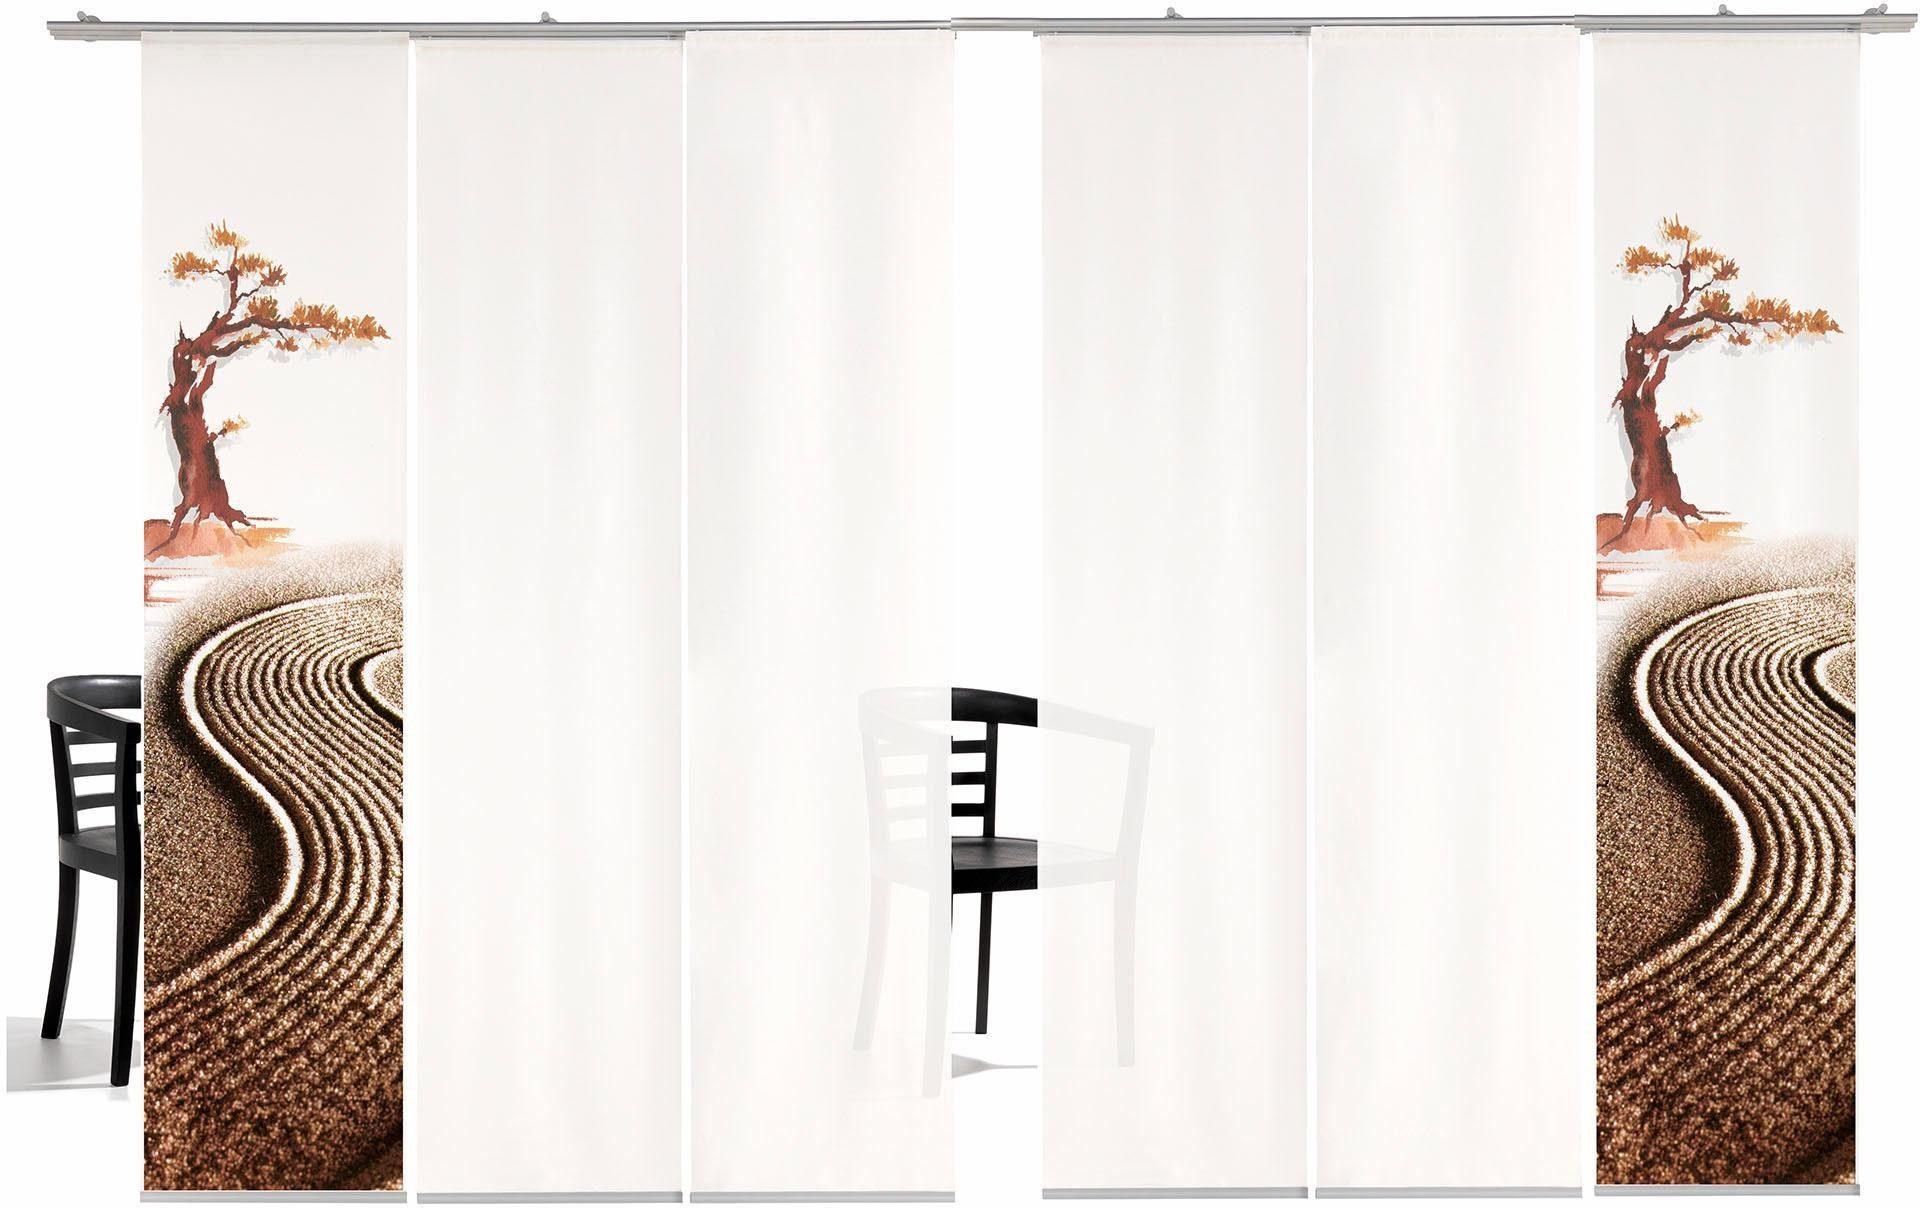 Schiebegardine »Bonsai HA«, emotion textiles, Klettband (6 Stück), inkl. Befestigungszubehör